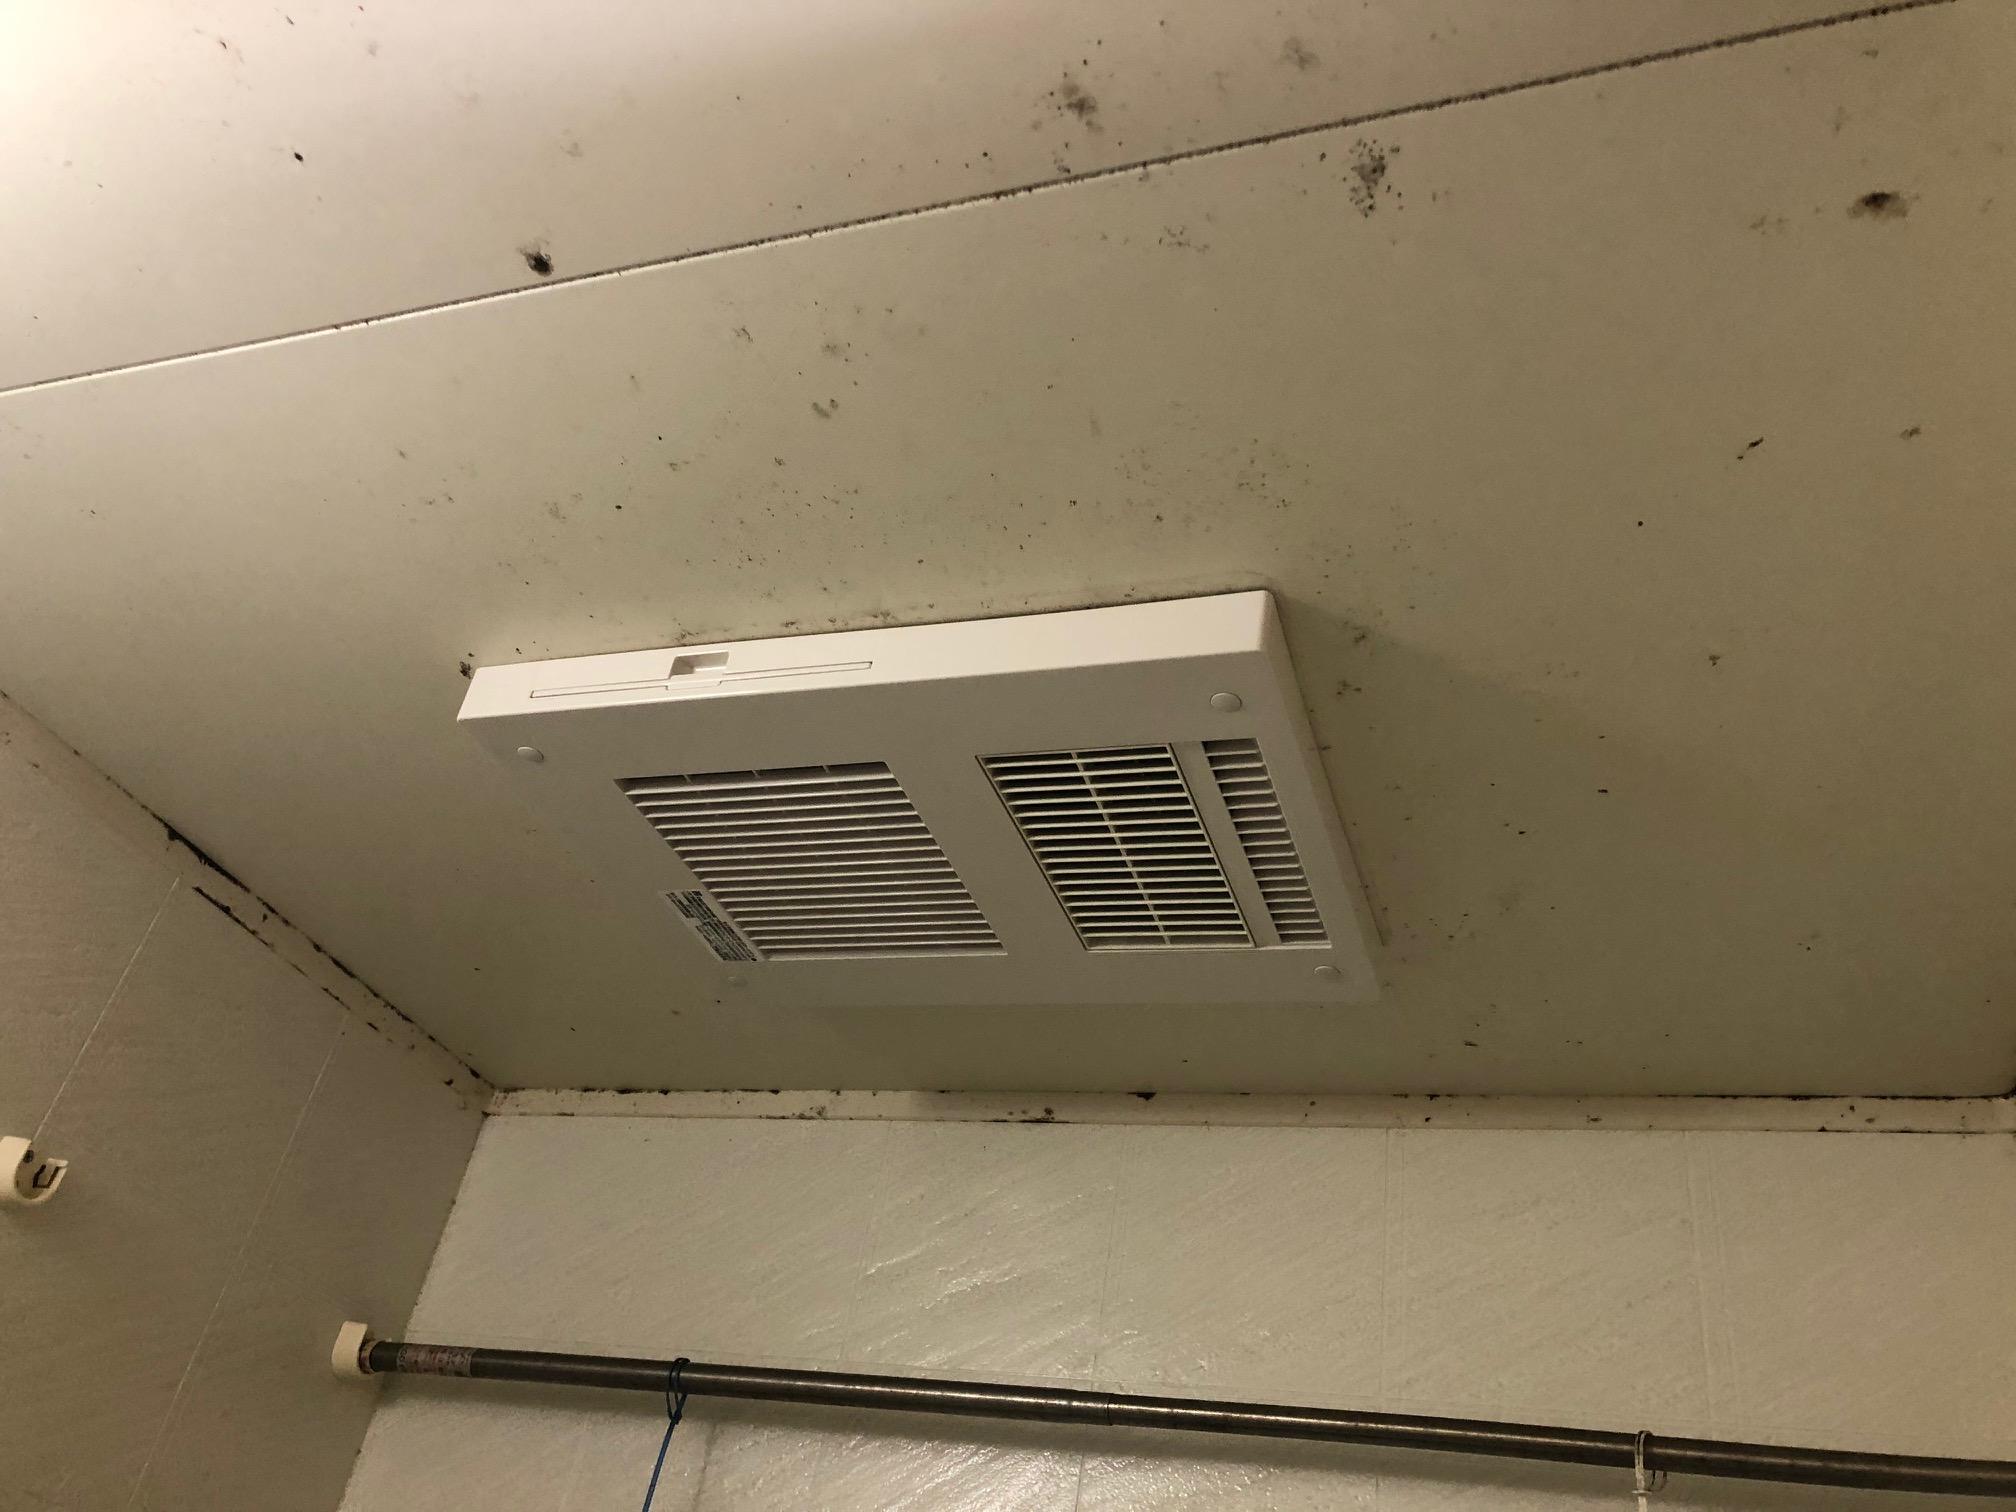 姫路市 マンション浴室換気乾燥暖房機取替